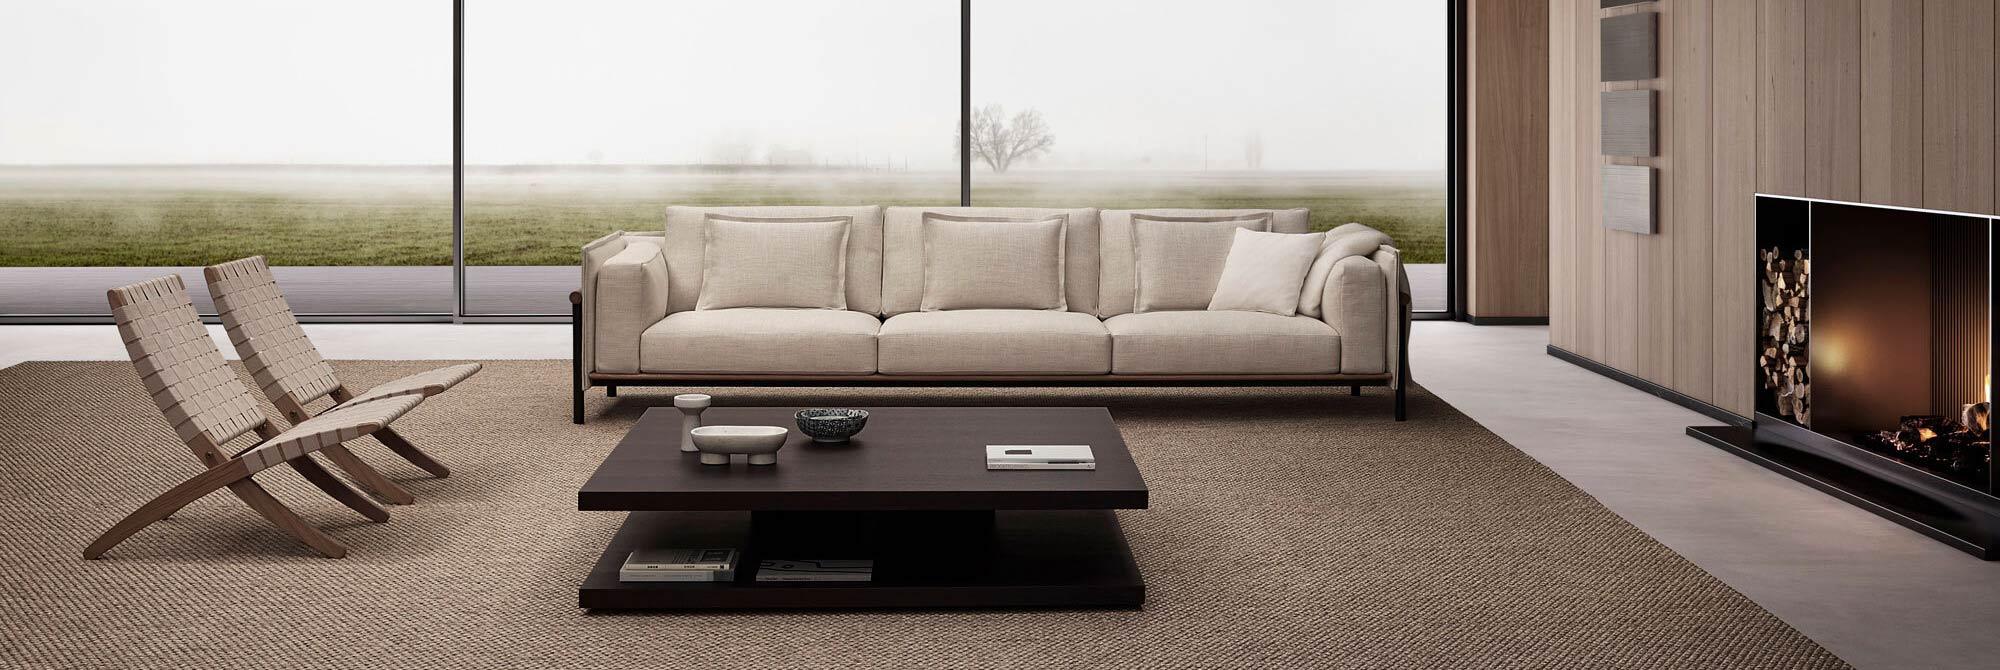 Tienda muebles de diseño Valencia